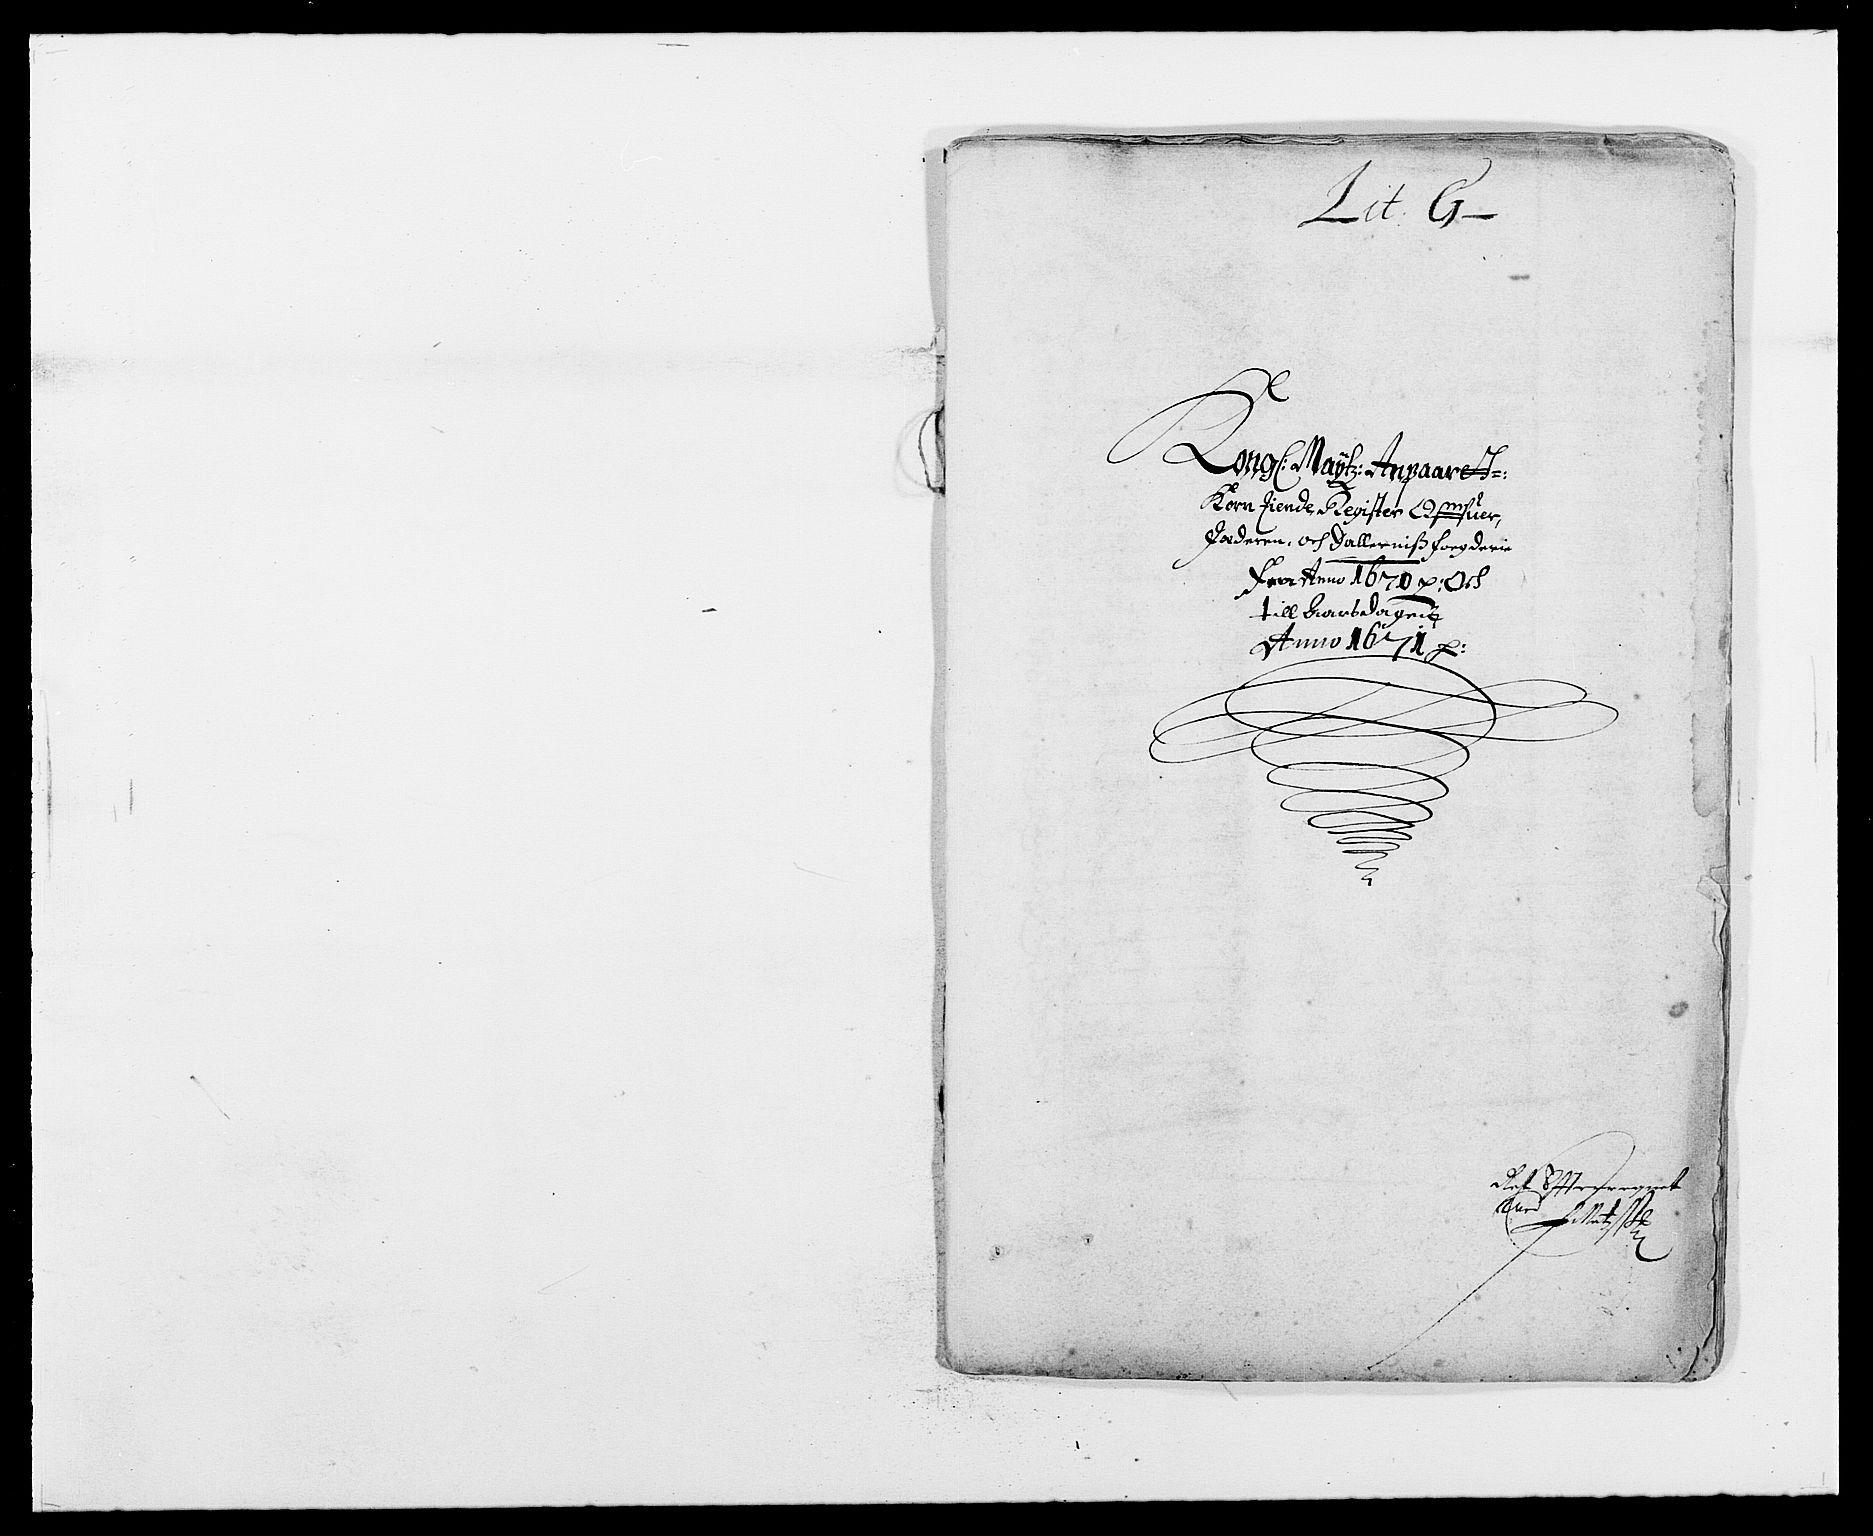 RA, Rentekammeret inntil 1814, Reviderte regnskaper, Fogderegnskap, R46/L2712: Fogderegnskap Jæren og Dalane, 1670-1671, s. 179